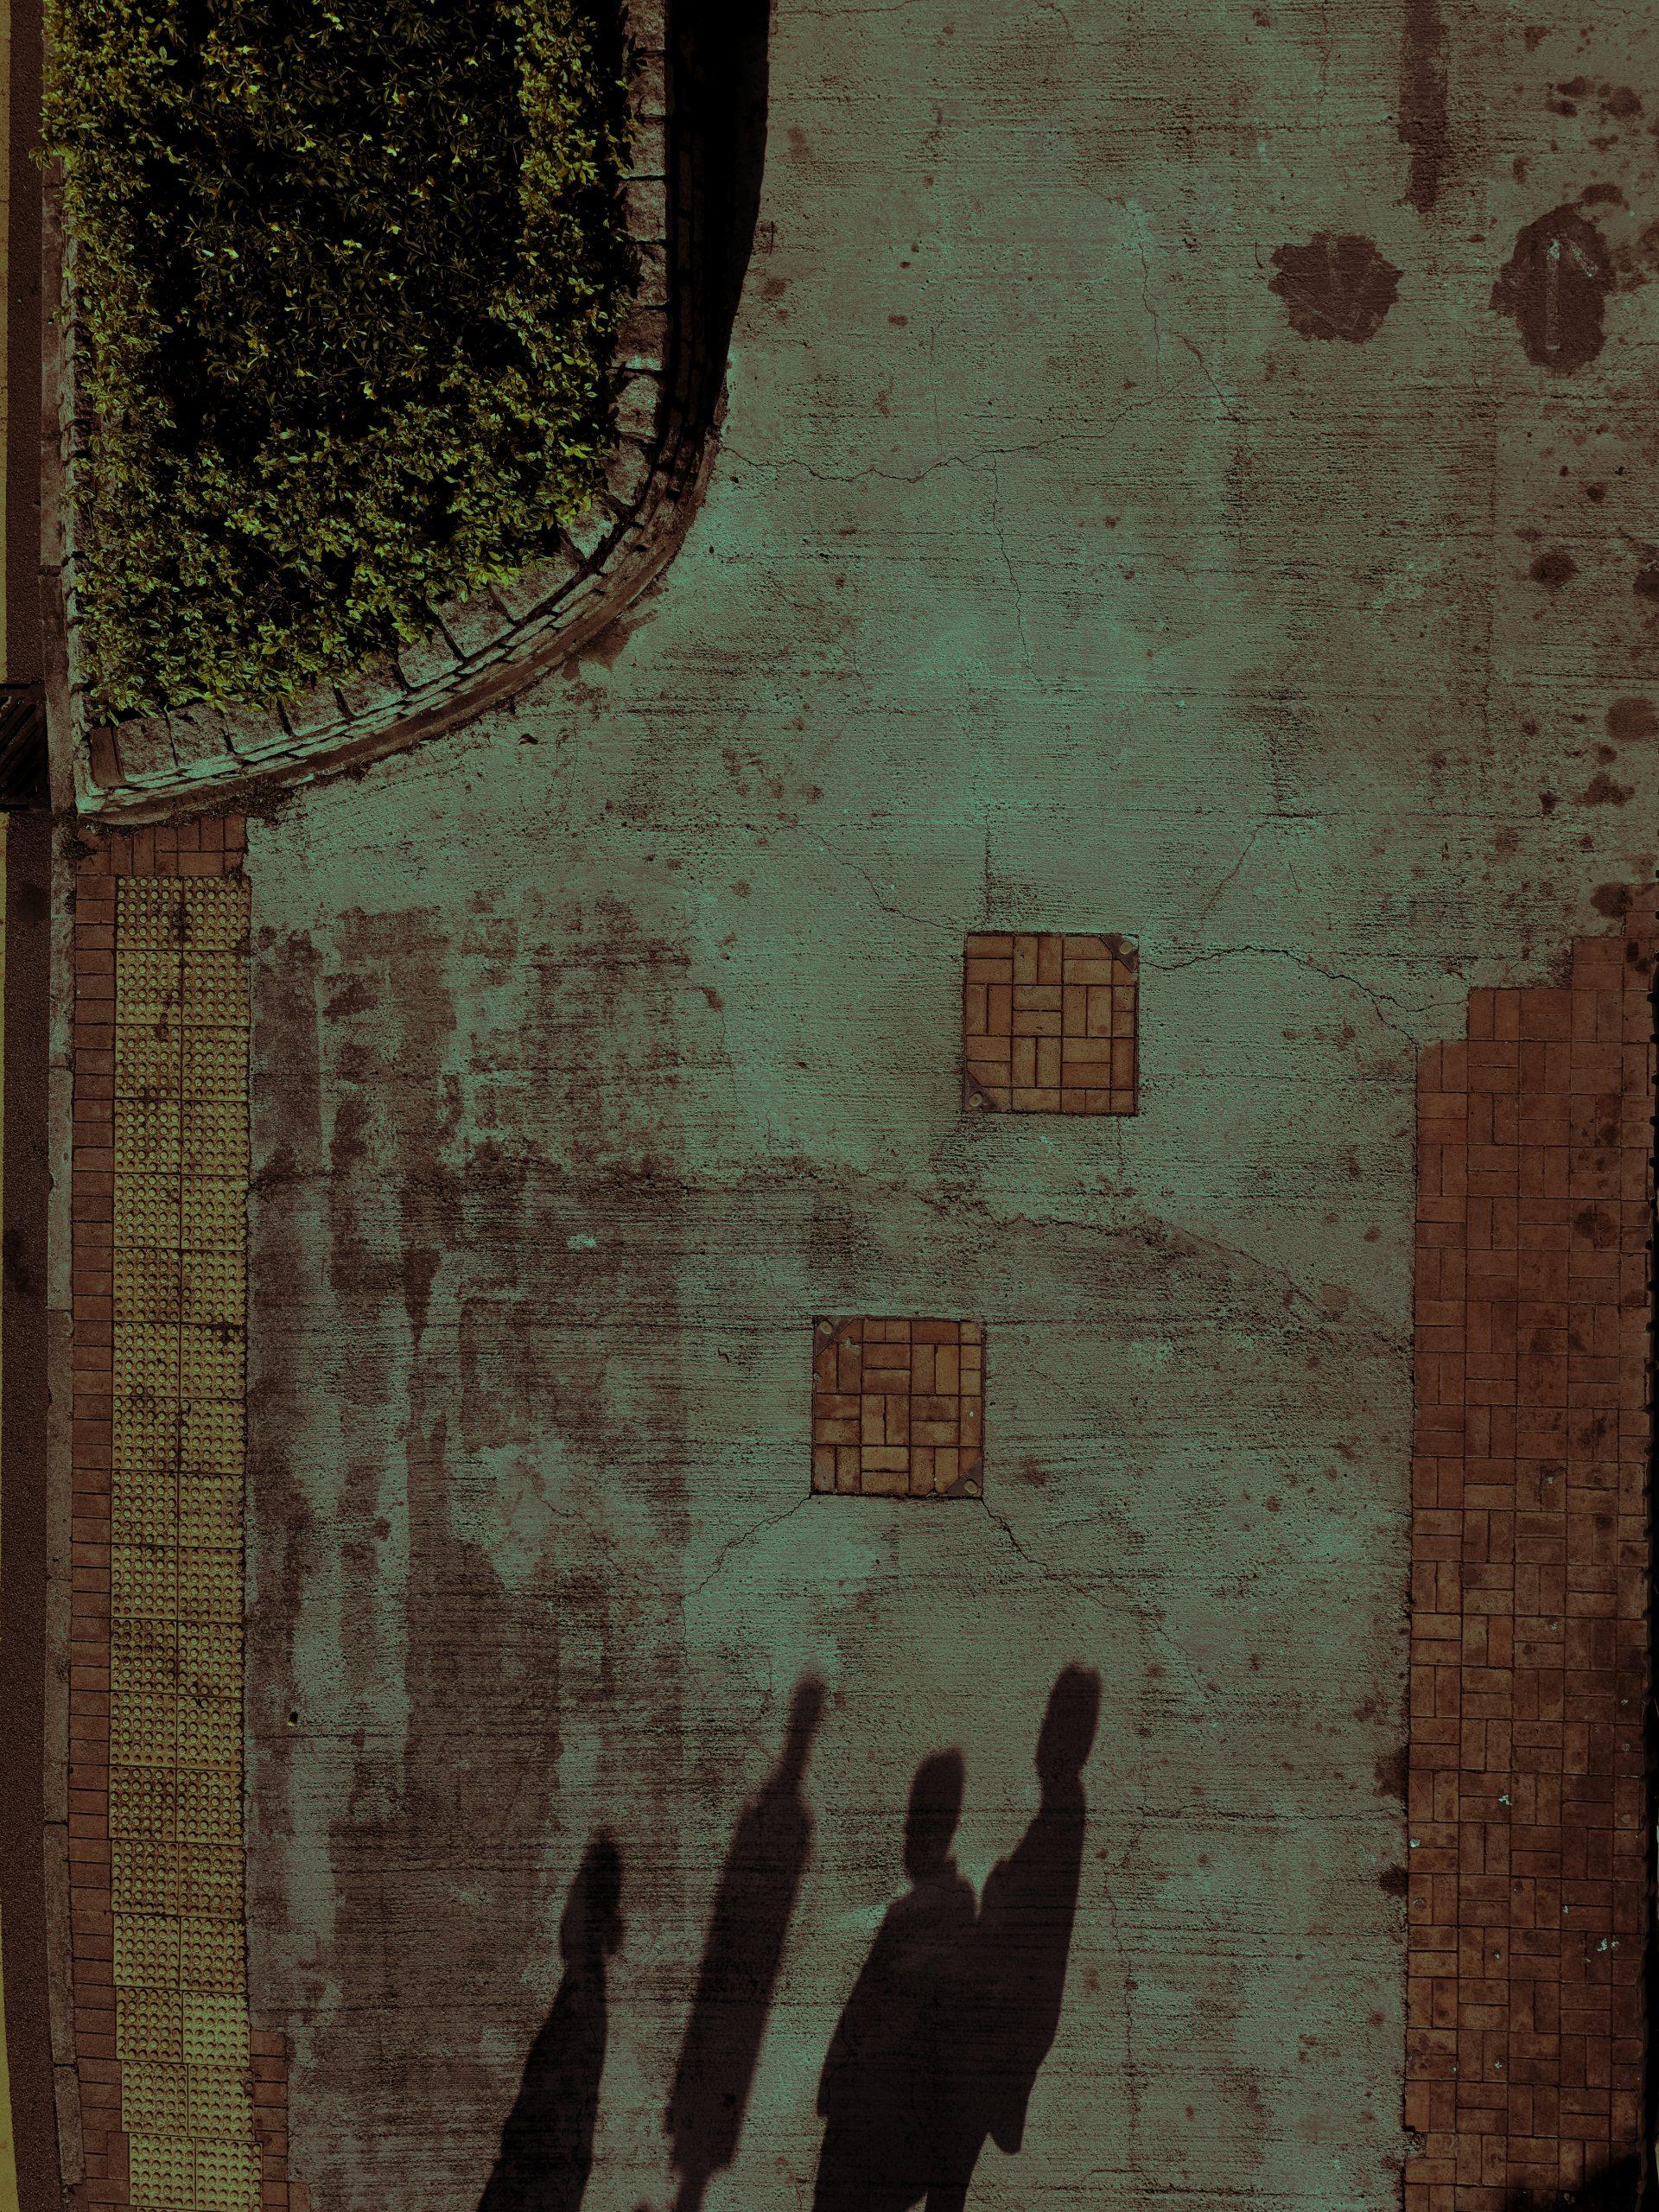 《幽暮之城》攝影集 Deacon Lui 反修例運動 攝影師 尚十 周梓樂